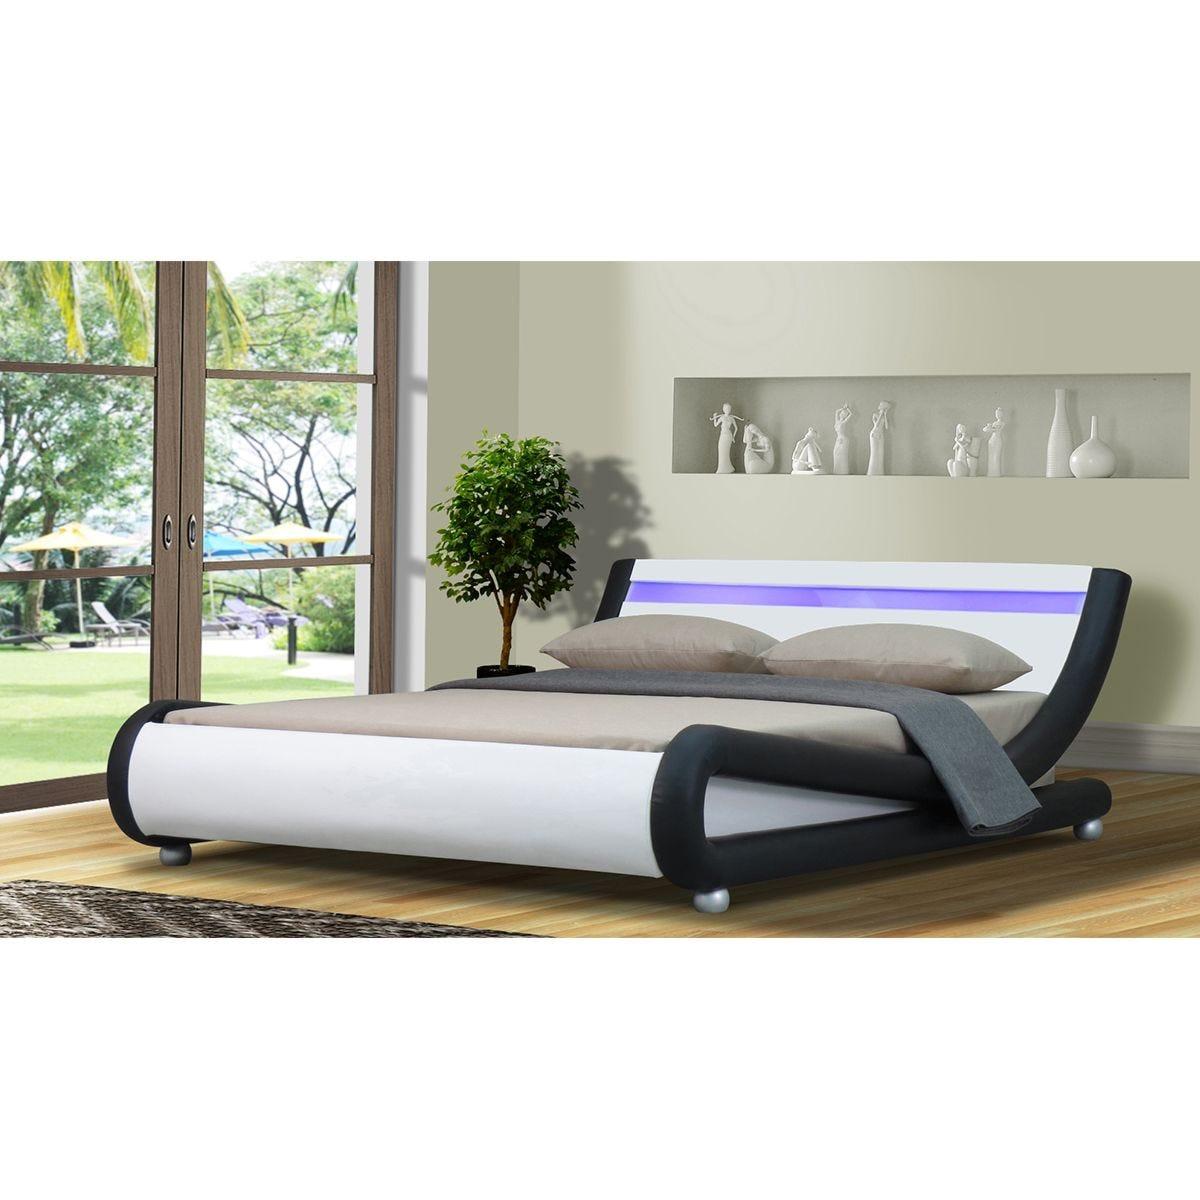 Chase LED Bed Frame - Black/White